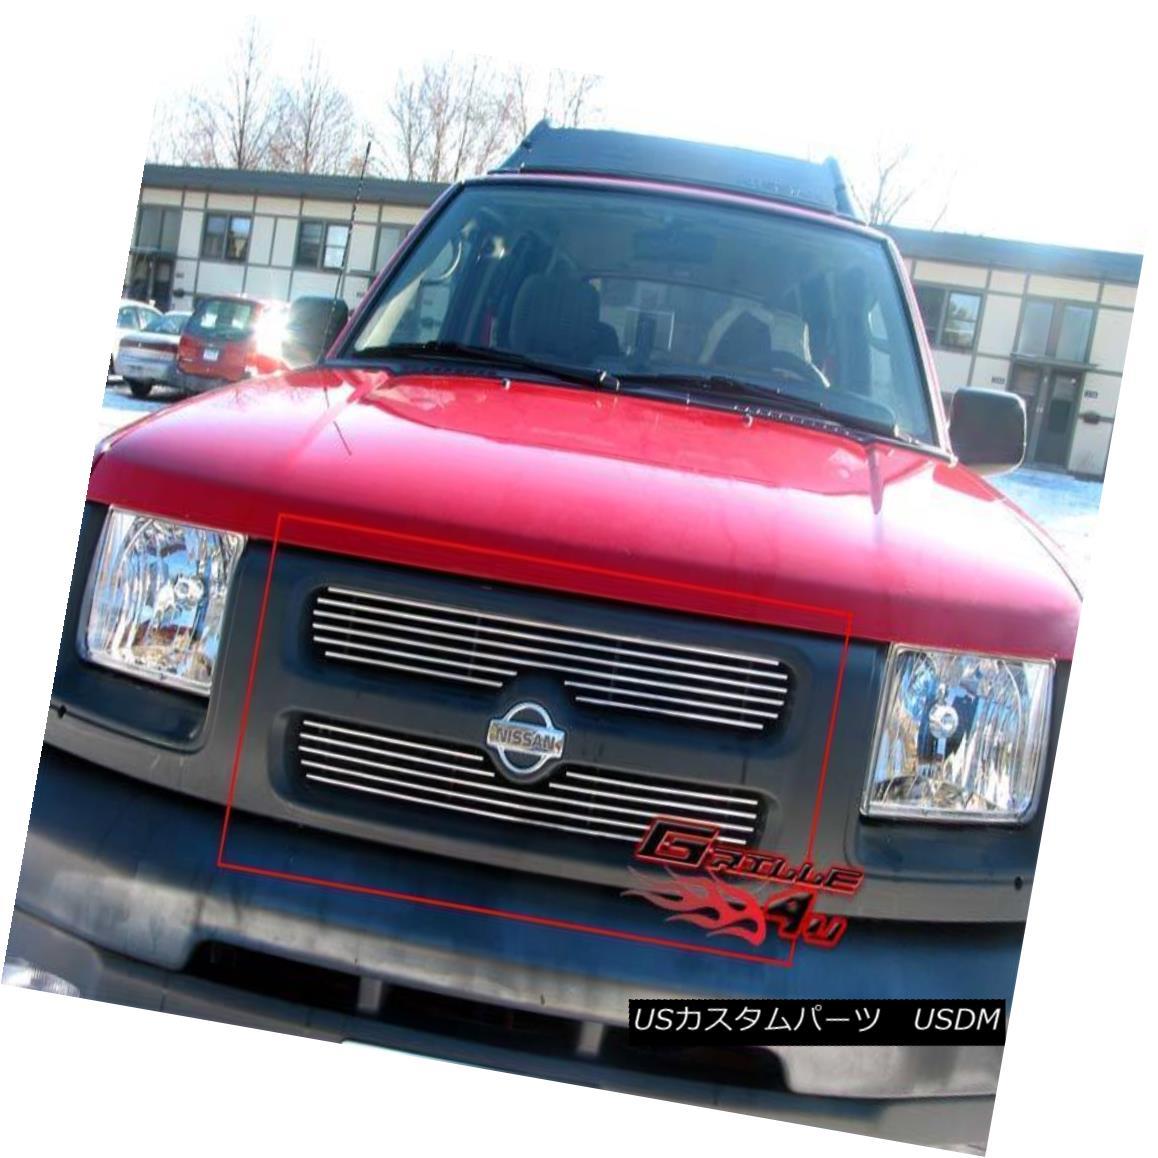 グリル Fits 2000-2001 Nissan Xterra Main Upper Billet Grille Insert 2000-2001 Nissan Xterraメインアッパービレットグリルインサート